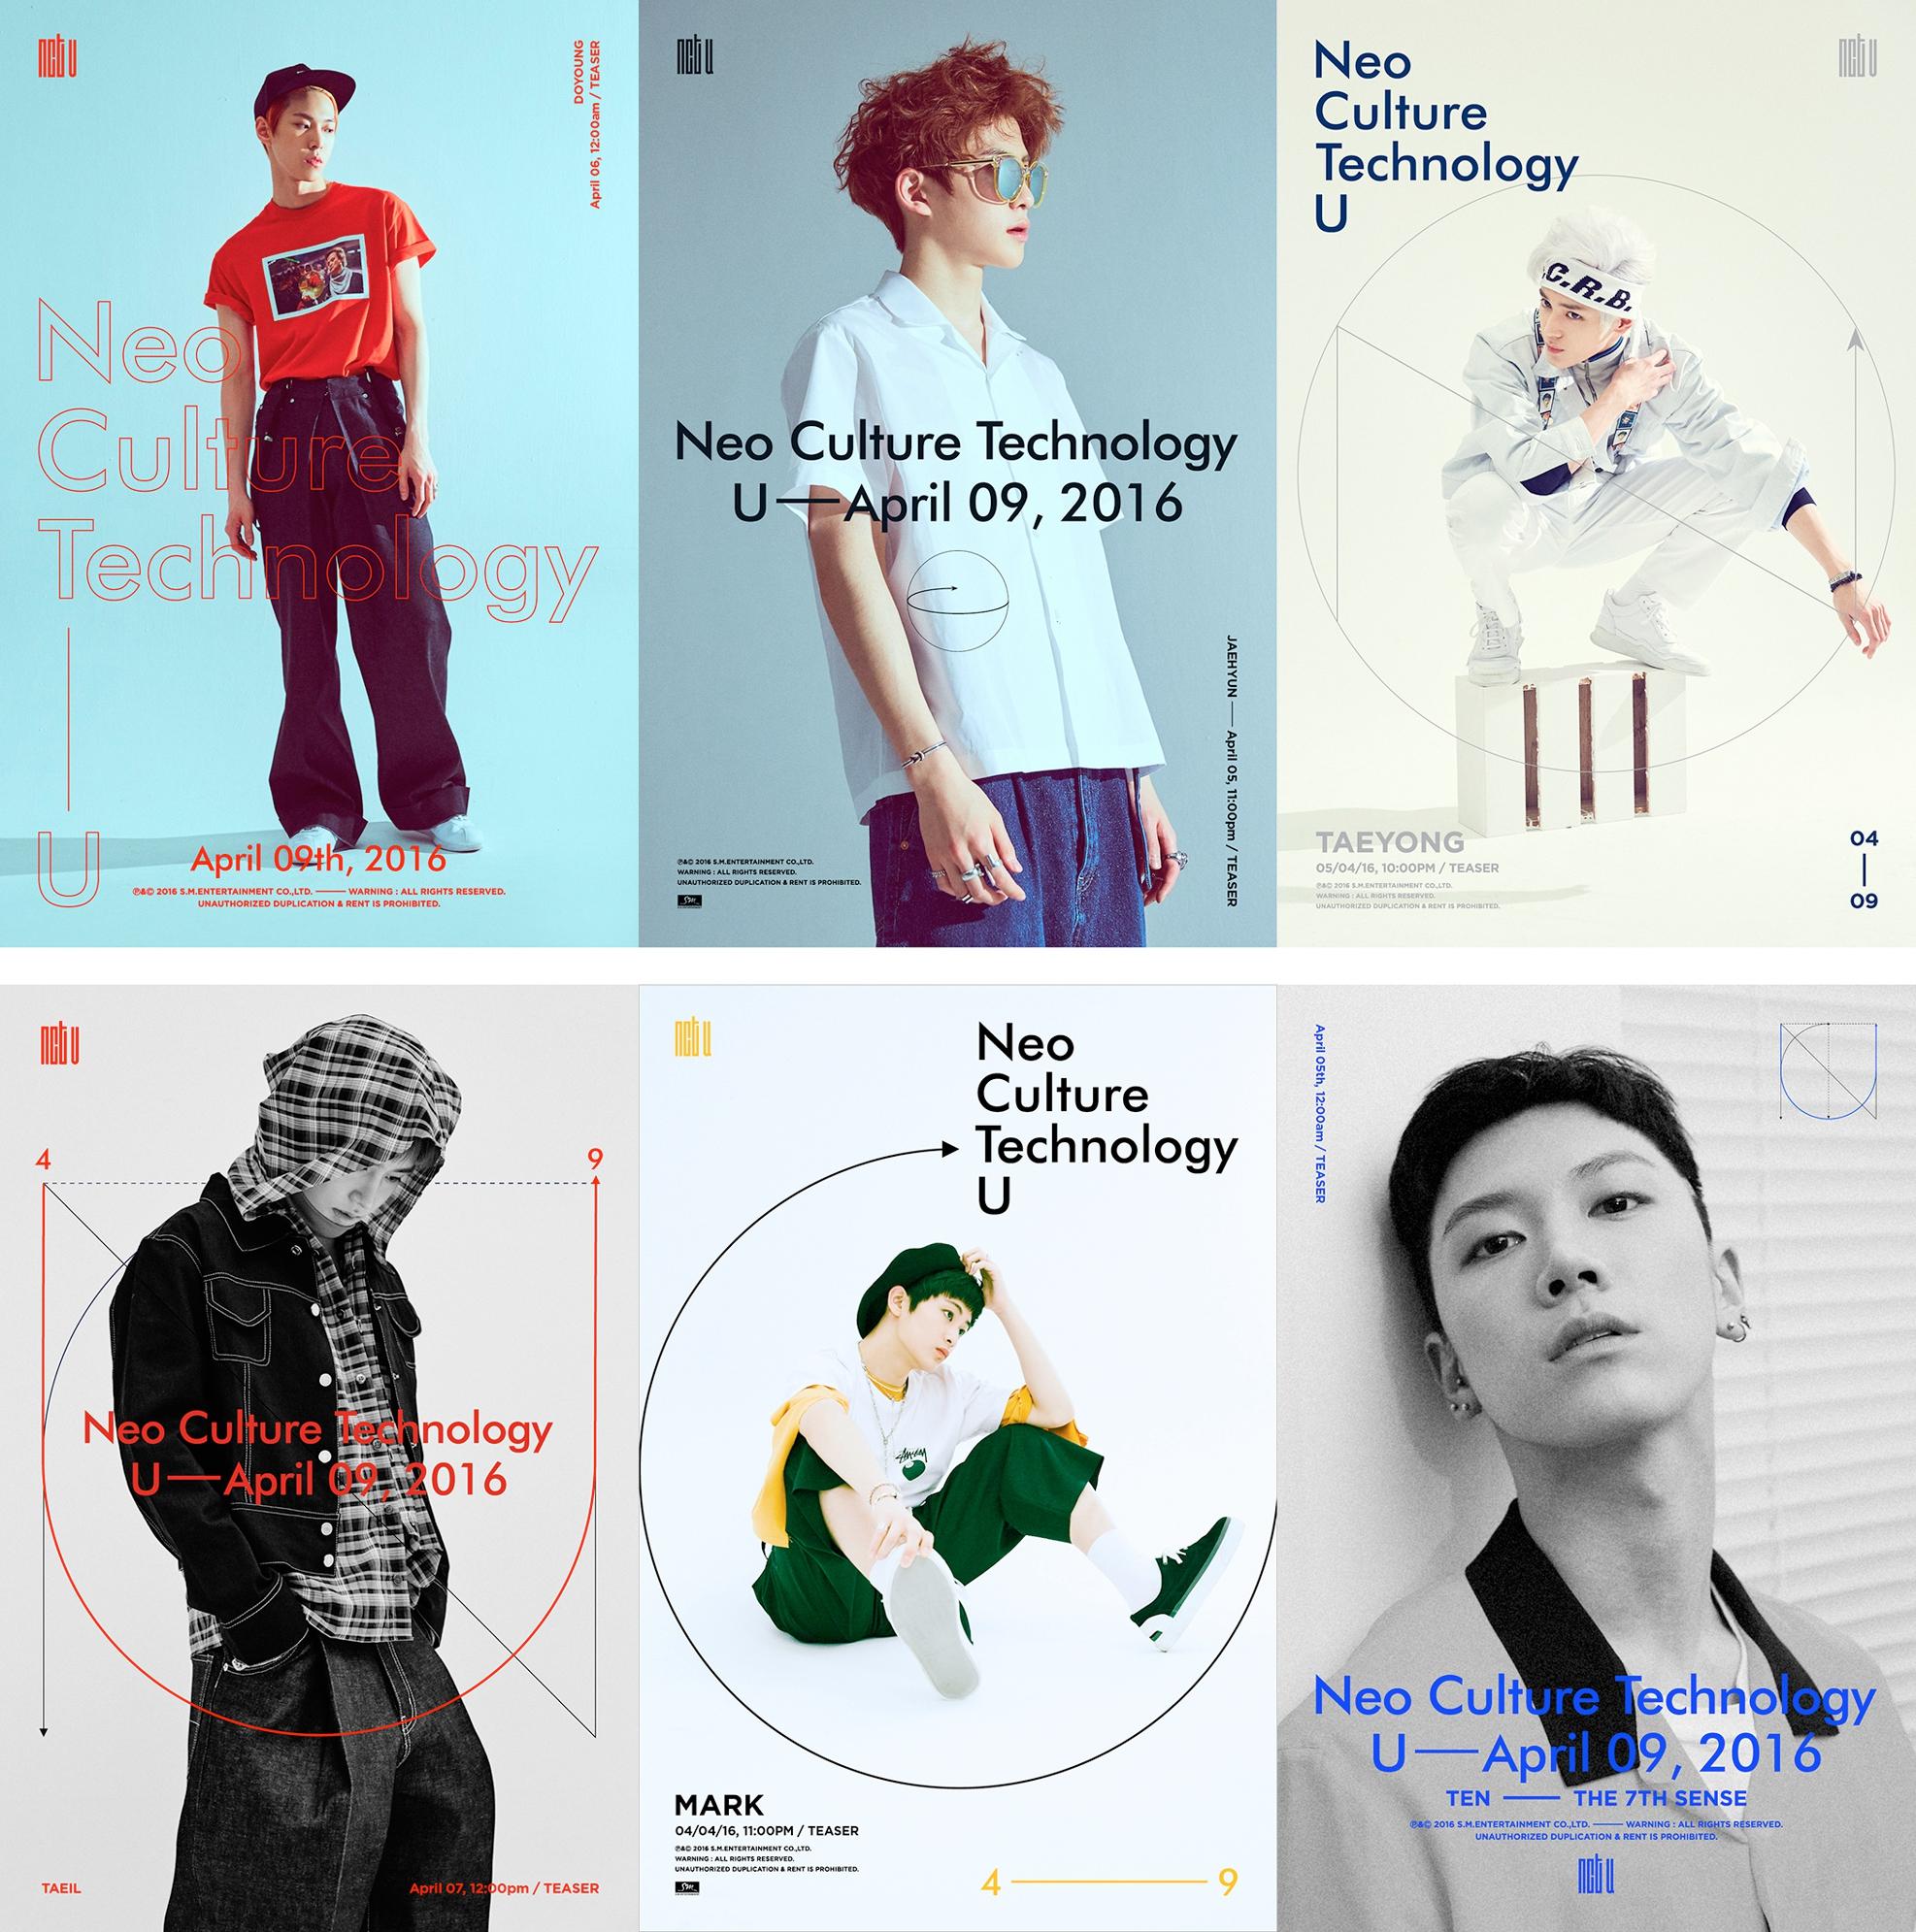 ♡ NCT U  SM 娛樂在今年推出的新概念男團 NCT,其中小分隊 NCT-U 的出道照充滿了設計感,非常有雜誌內頁的感覺。